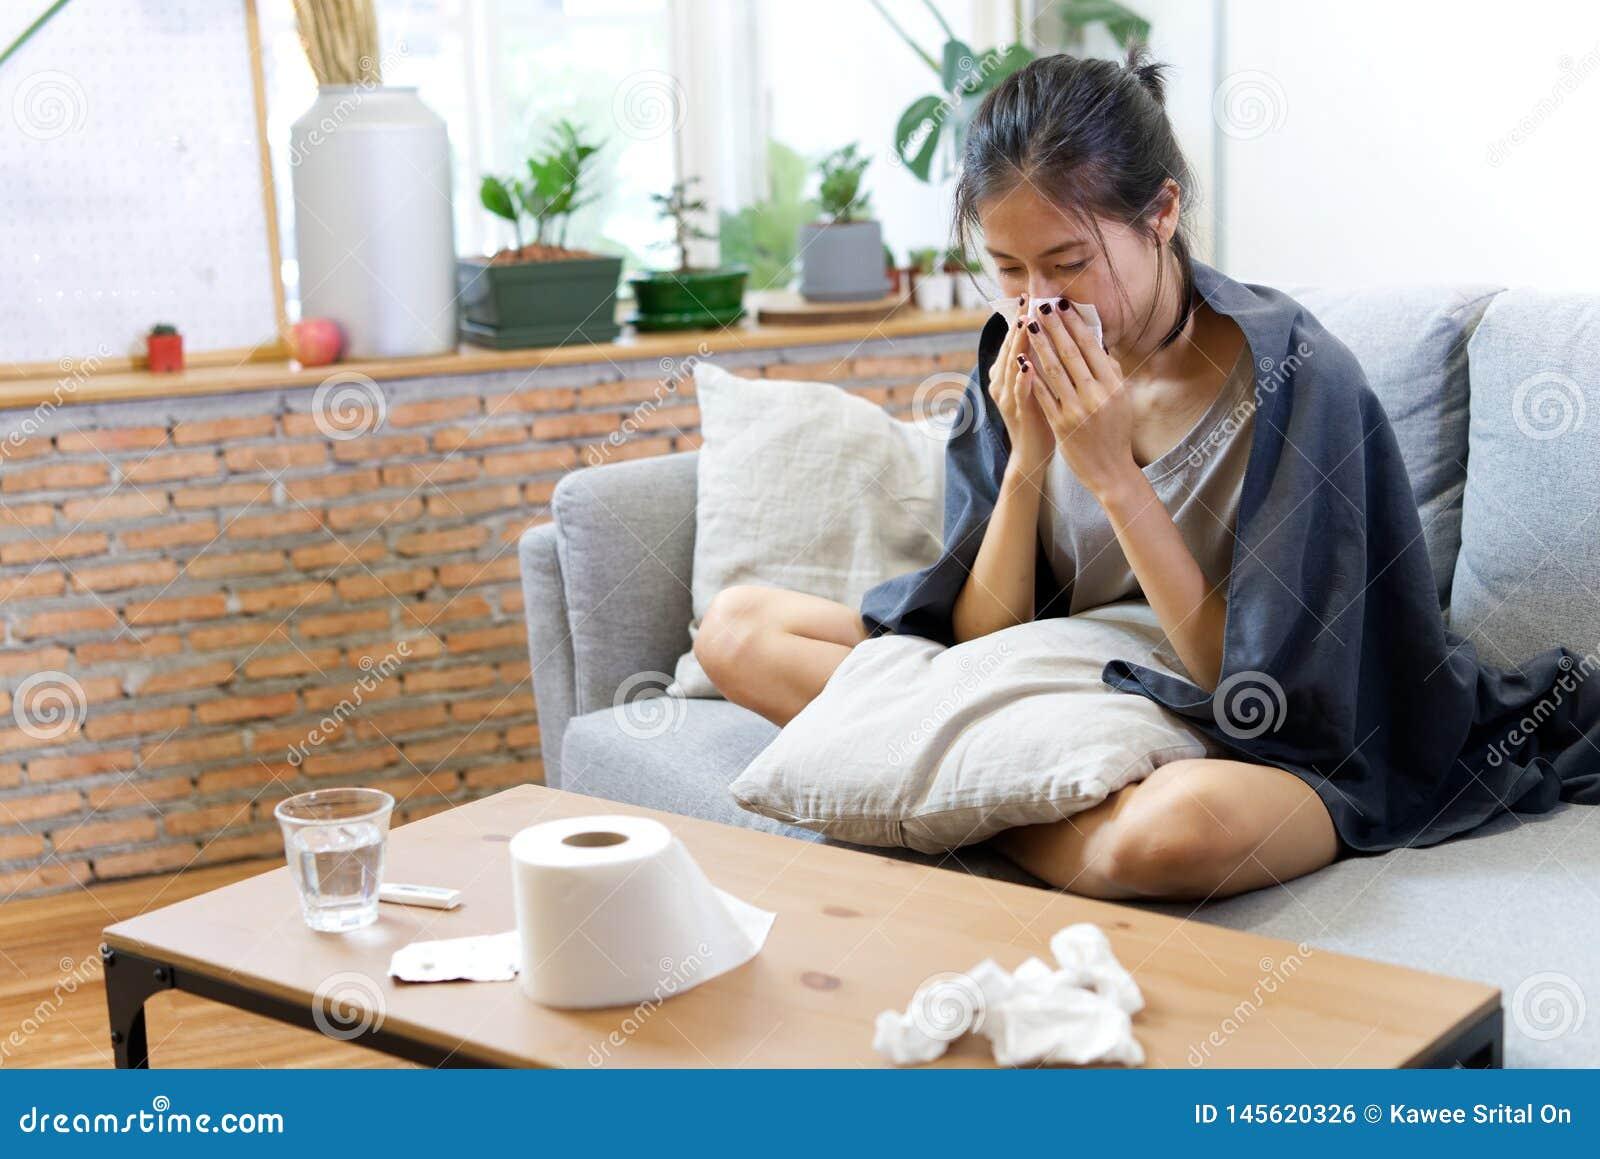 Больное азиатское чихание молодой женщины дома на софе с холодом